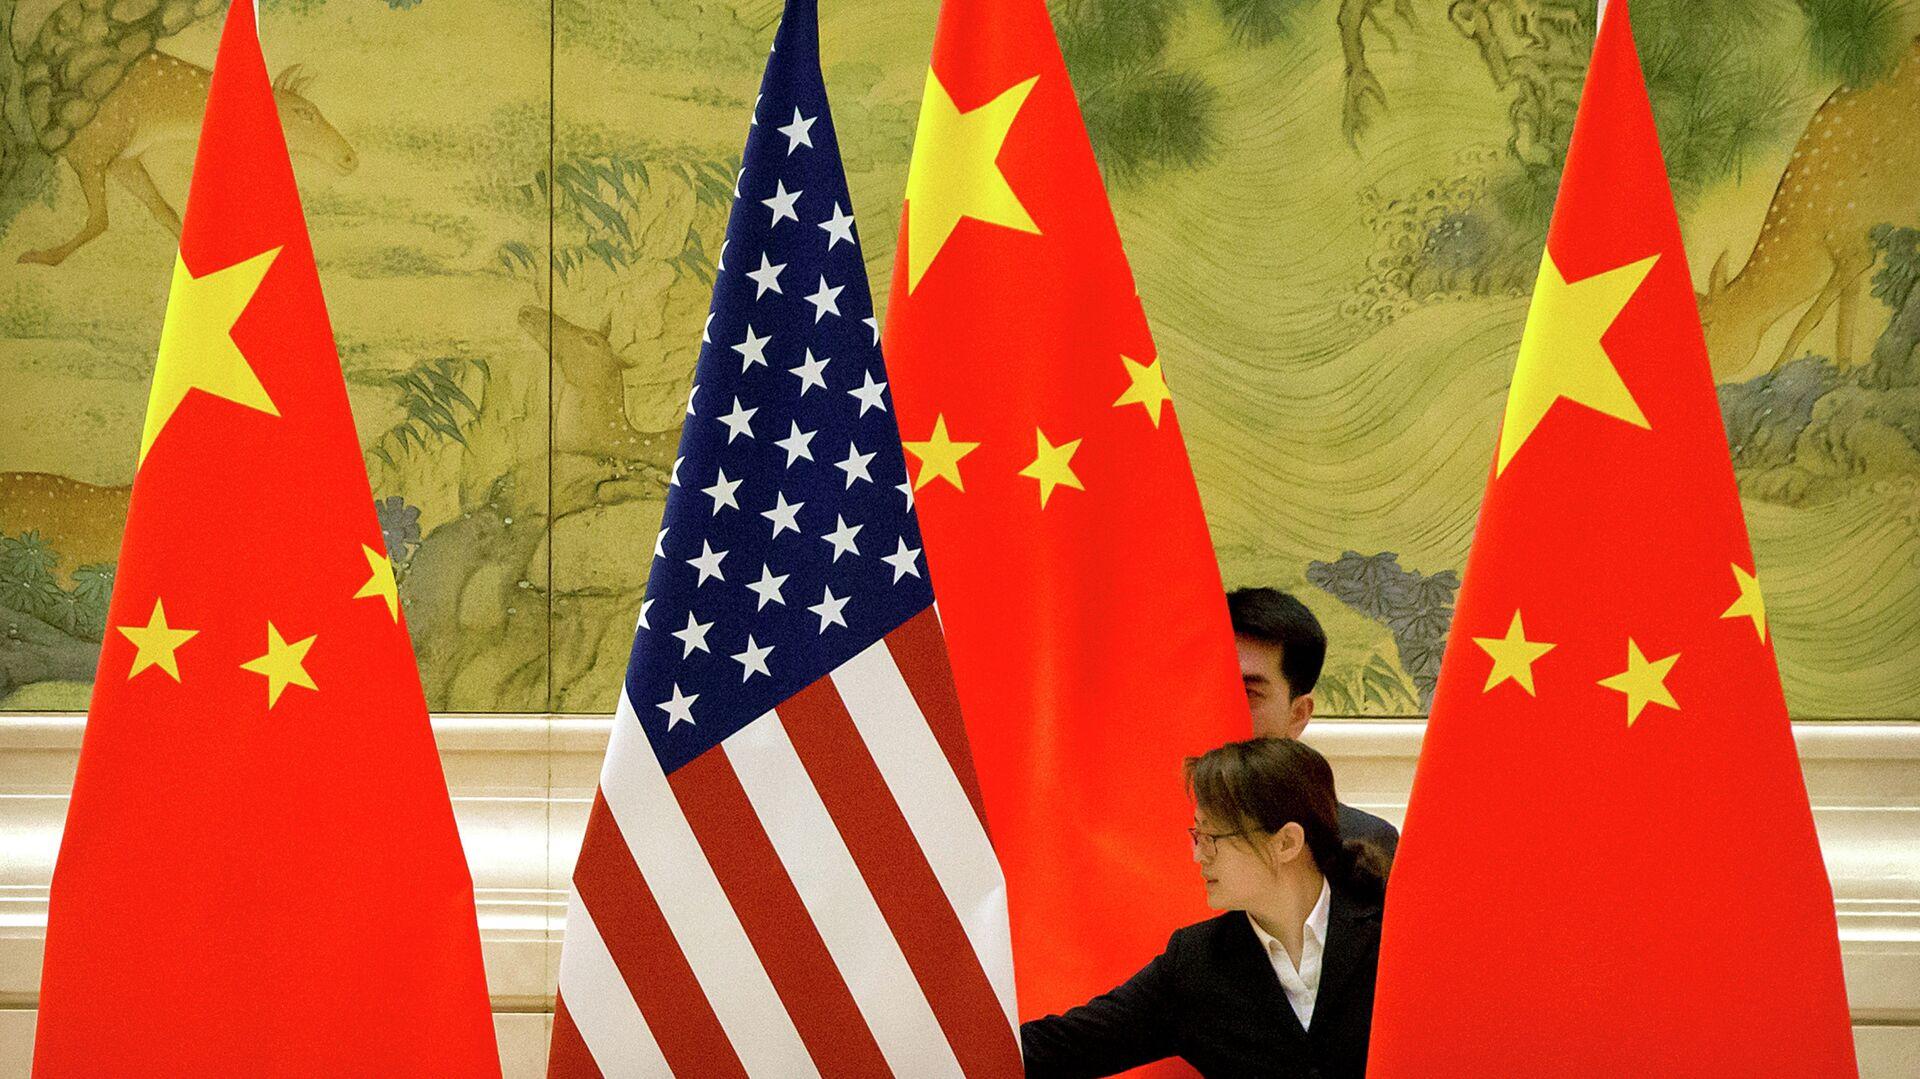 Cờ của Trung Quốc và Hoa Kỳ - Sputnik Việt Nam, 1920, 20.09.2021